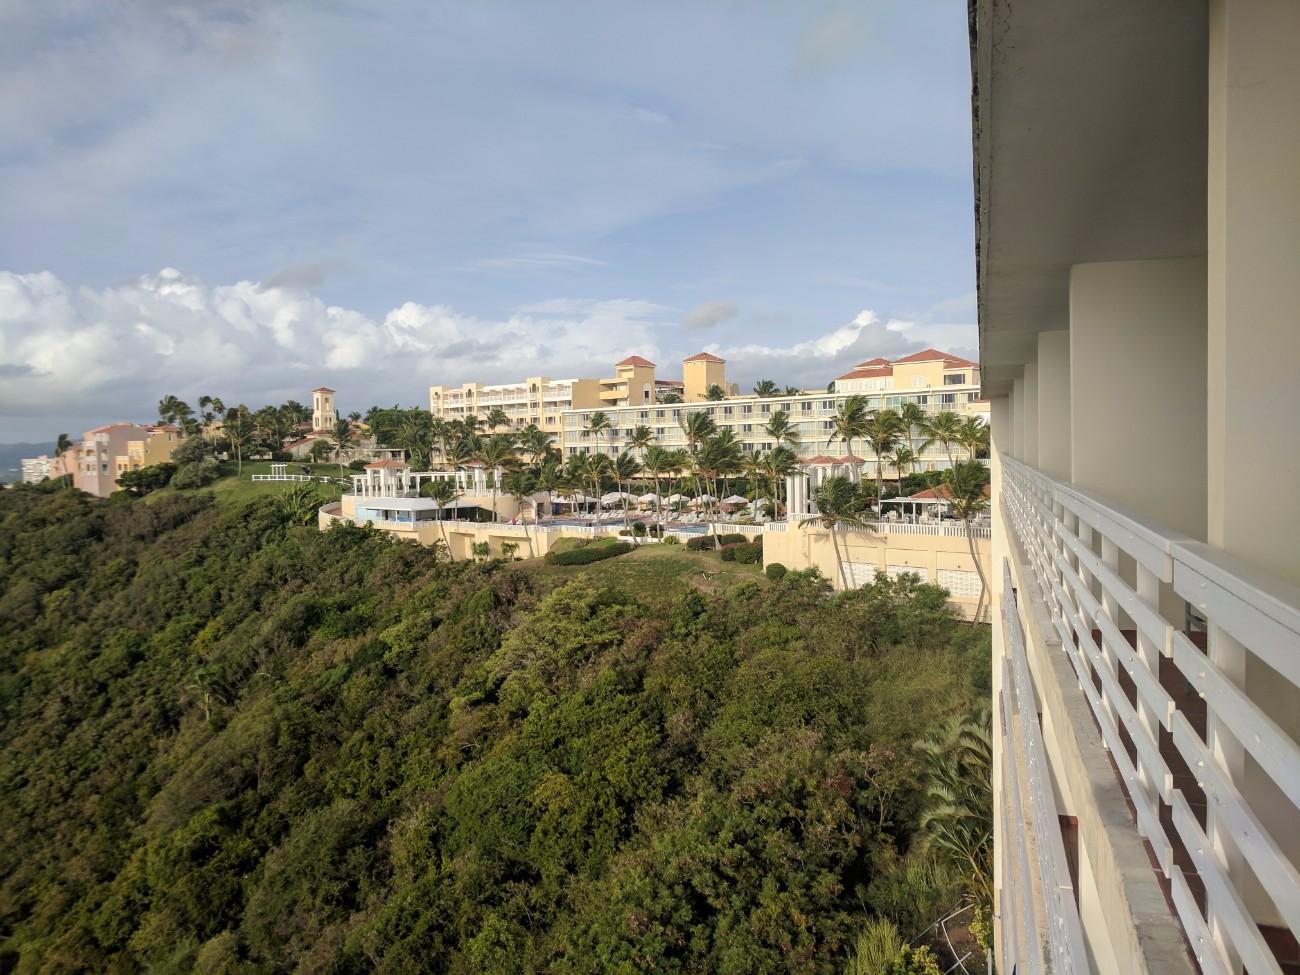 View at El Conquistador Waldorf Astoria Puerto Rico